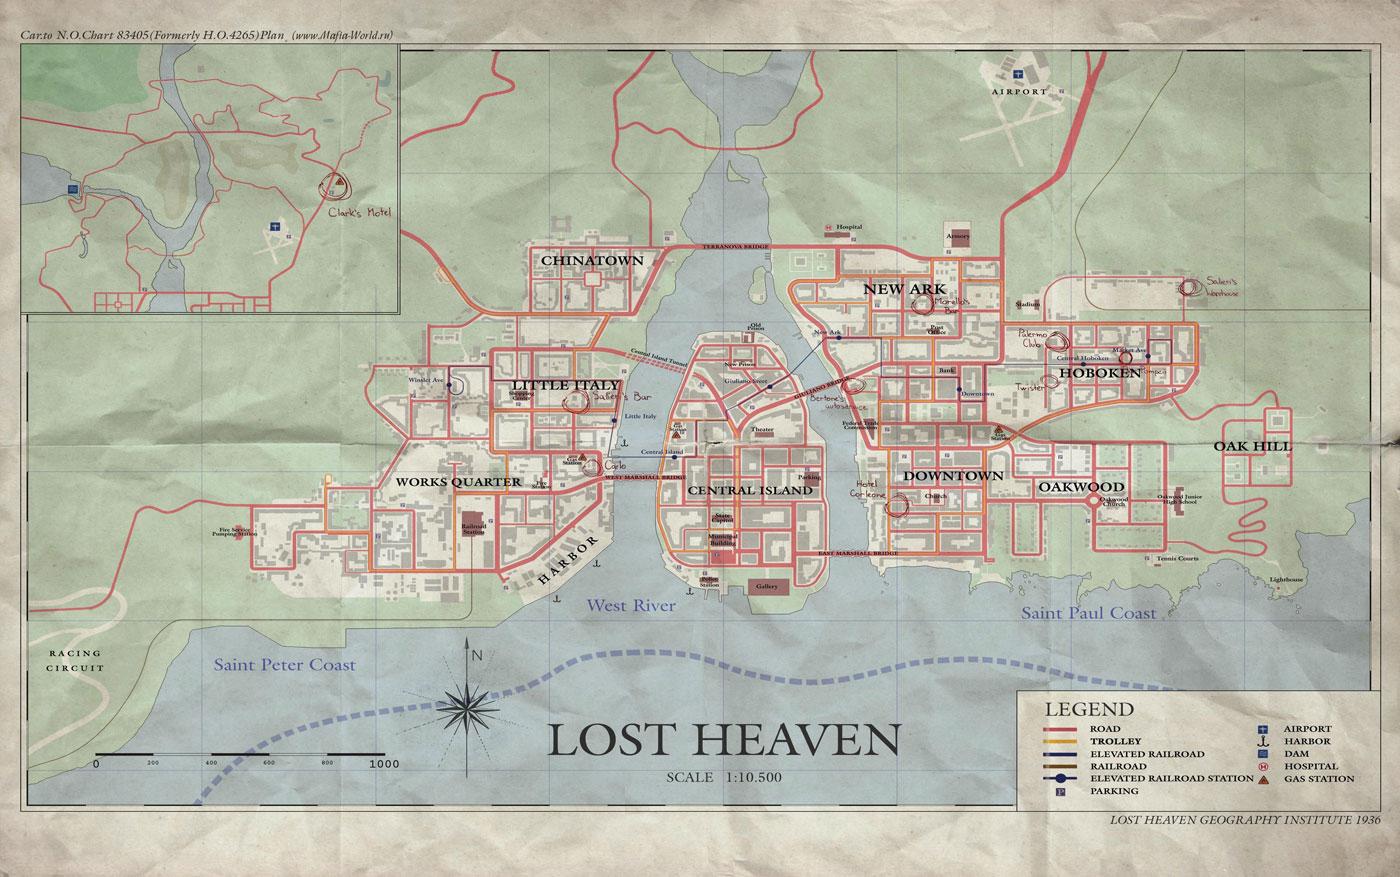 Карта на английском (оригинал)